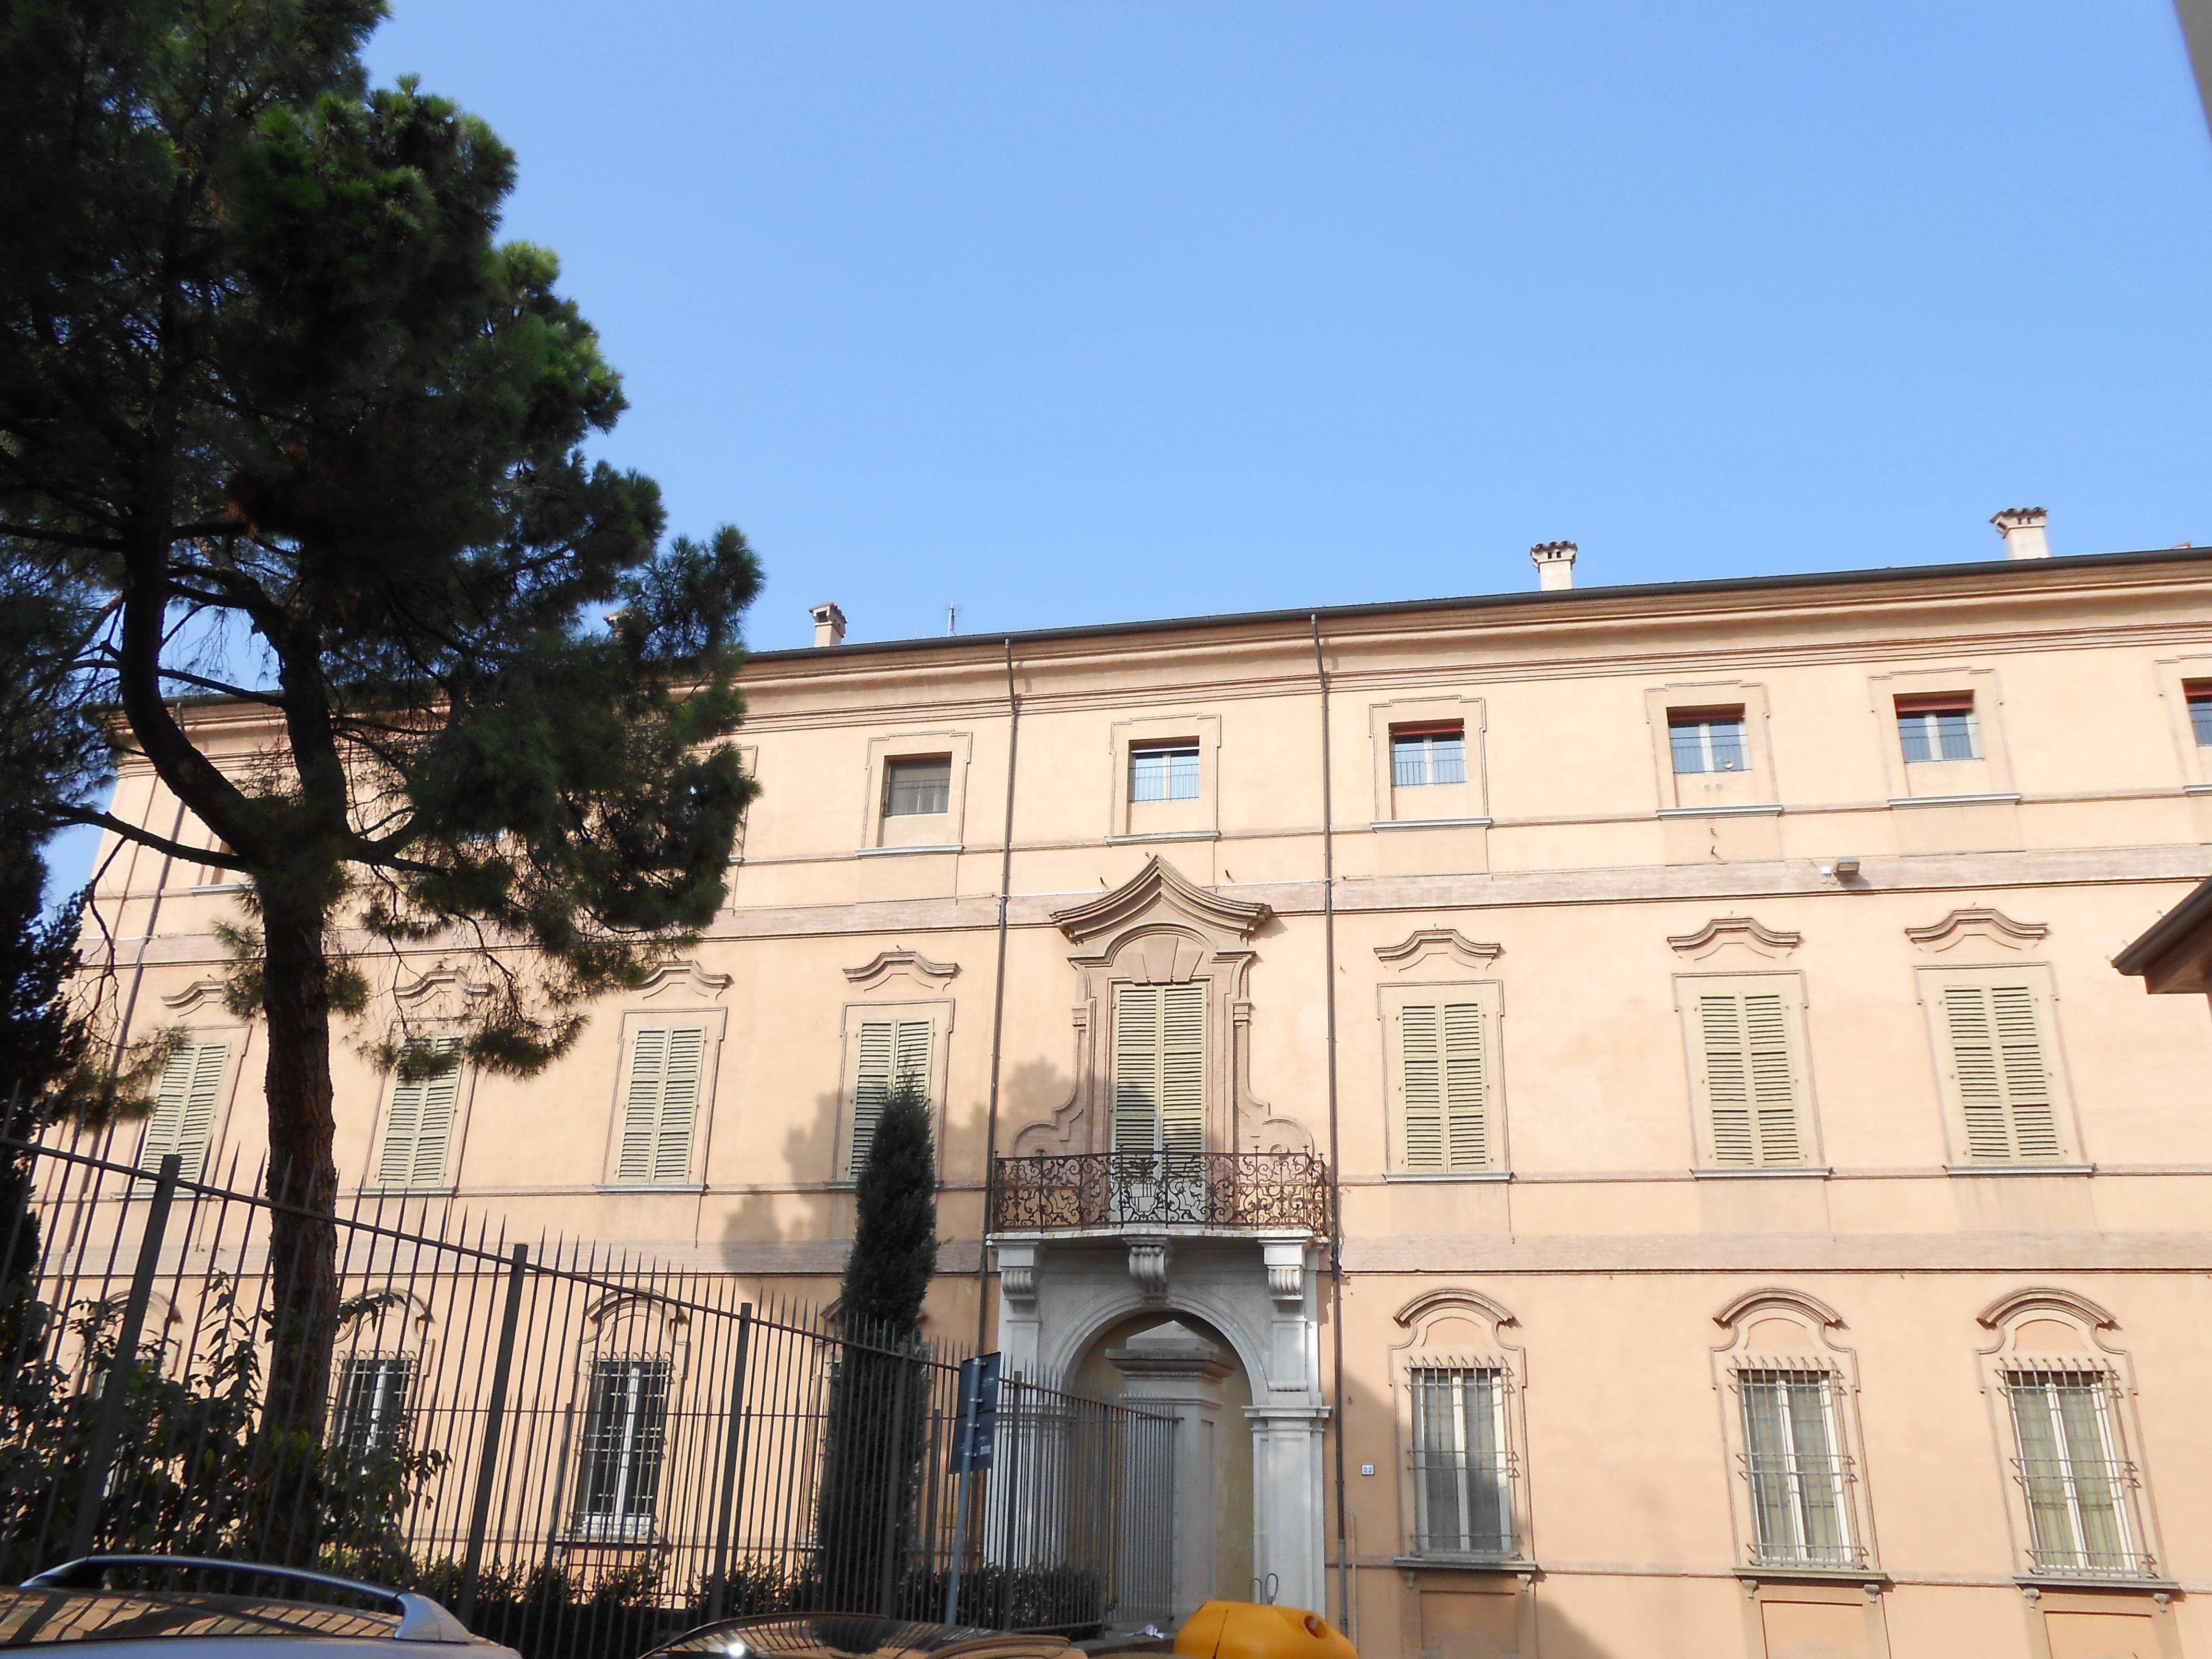 Palazzo Cavina Faenza facciata